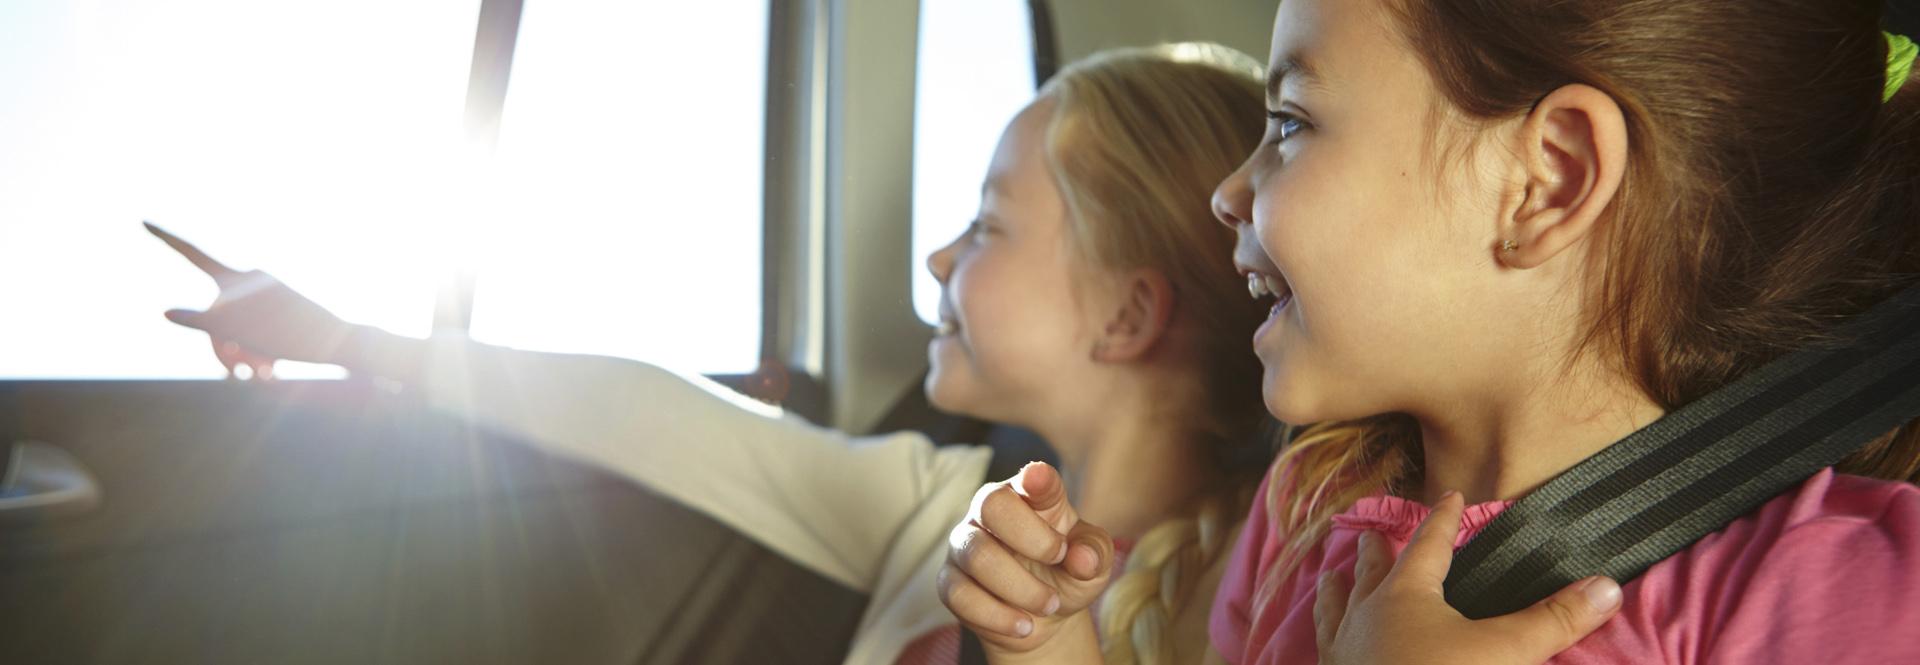 Petites filles dans voiture avec ceinture de sécurité